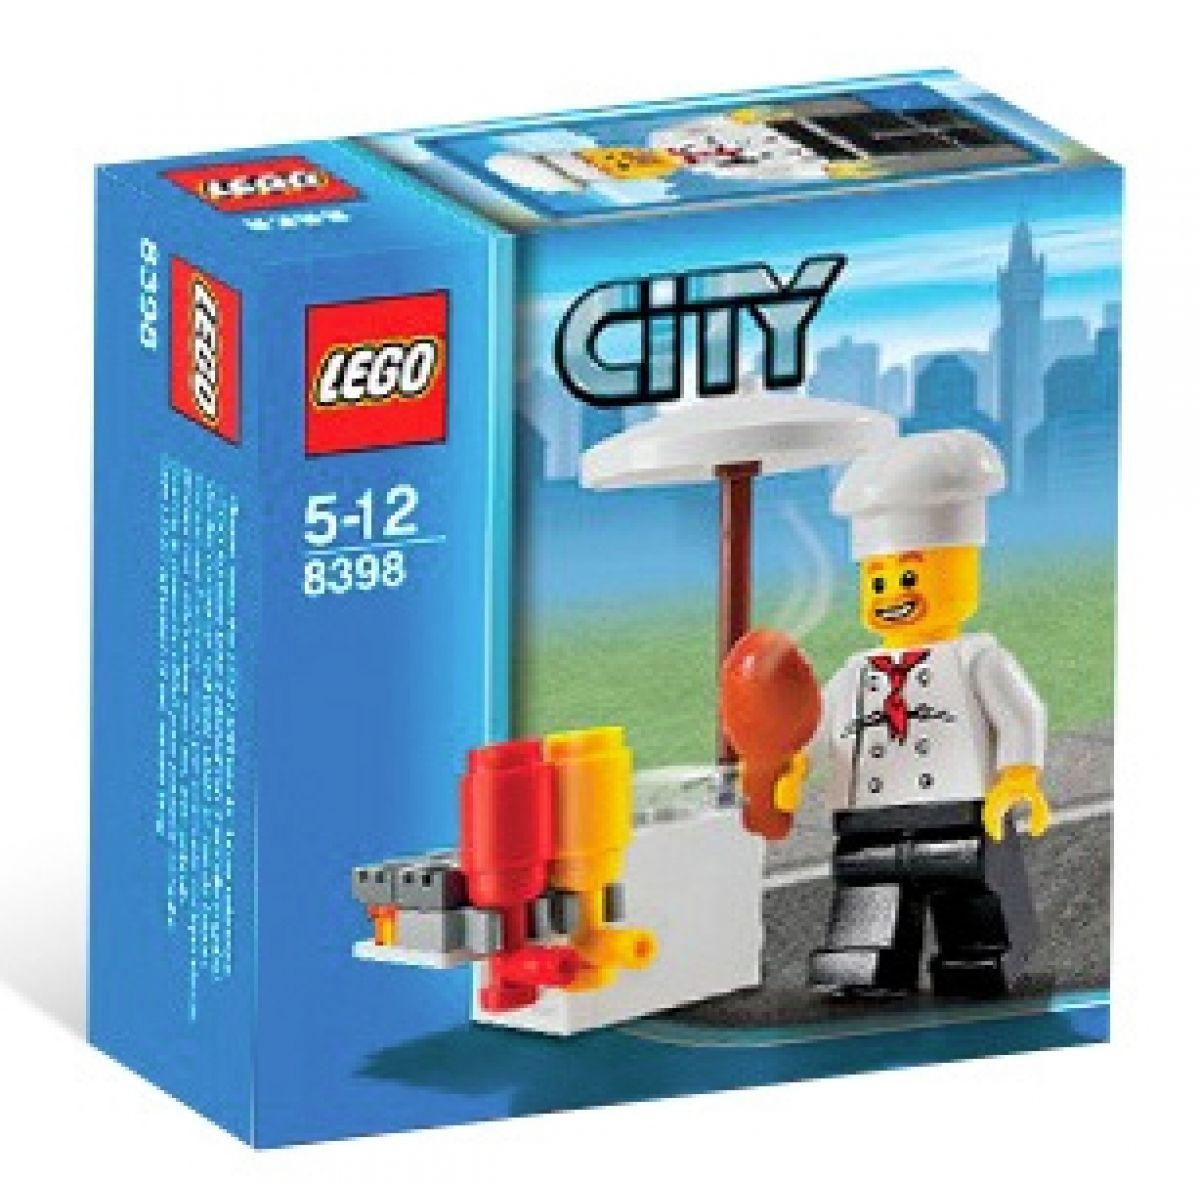 Stánek s občerstvením LEGO CITY 8398 #2